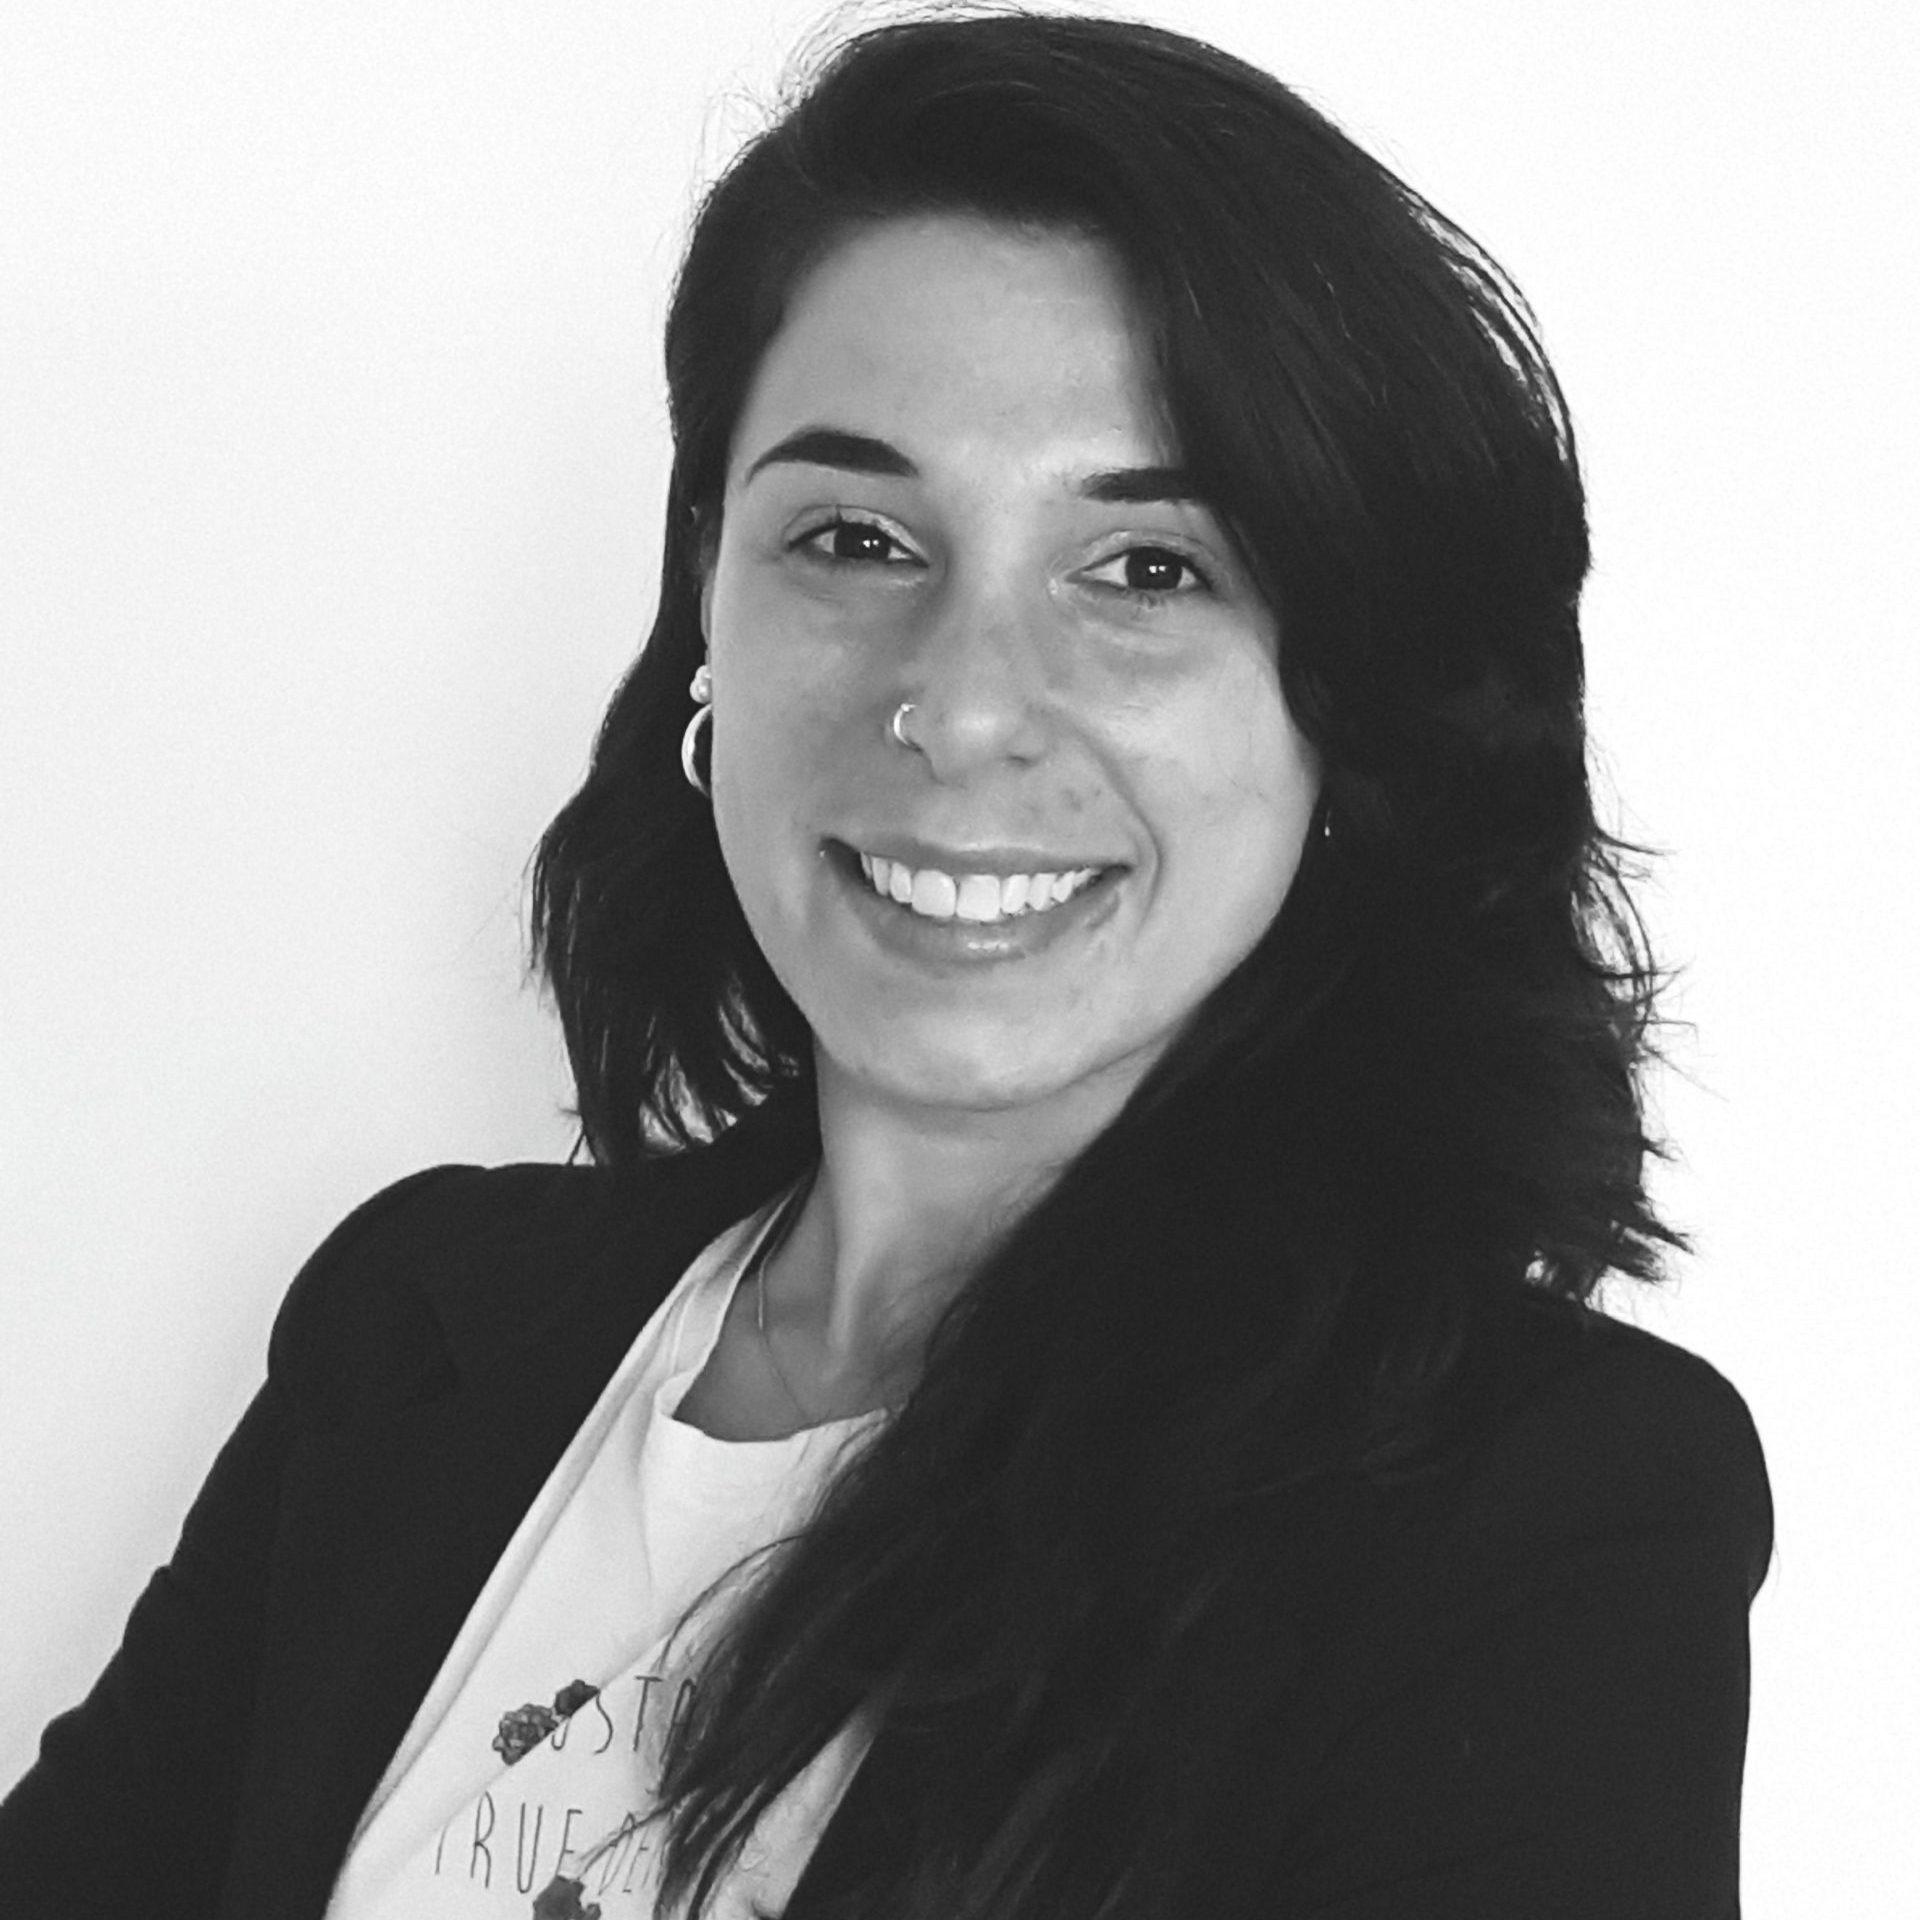 Antonella Cimino